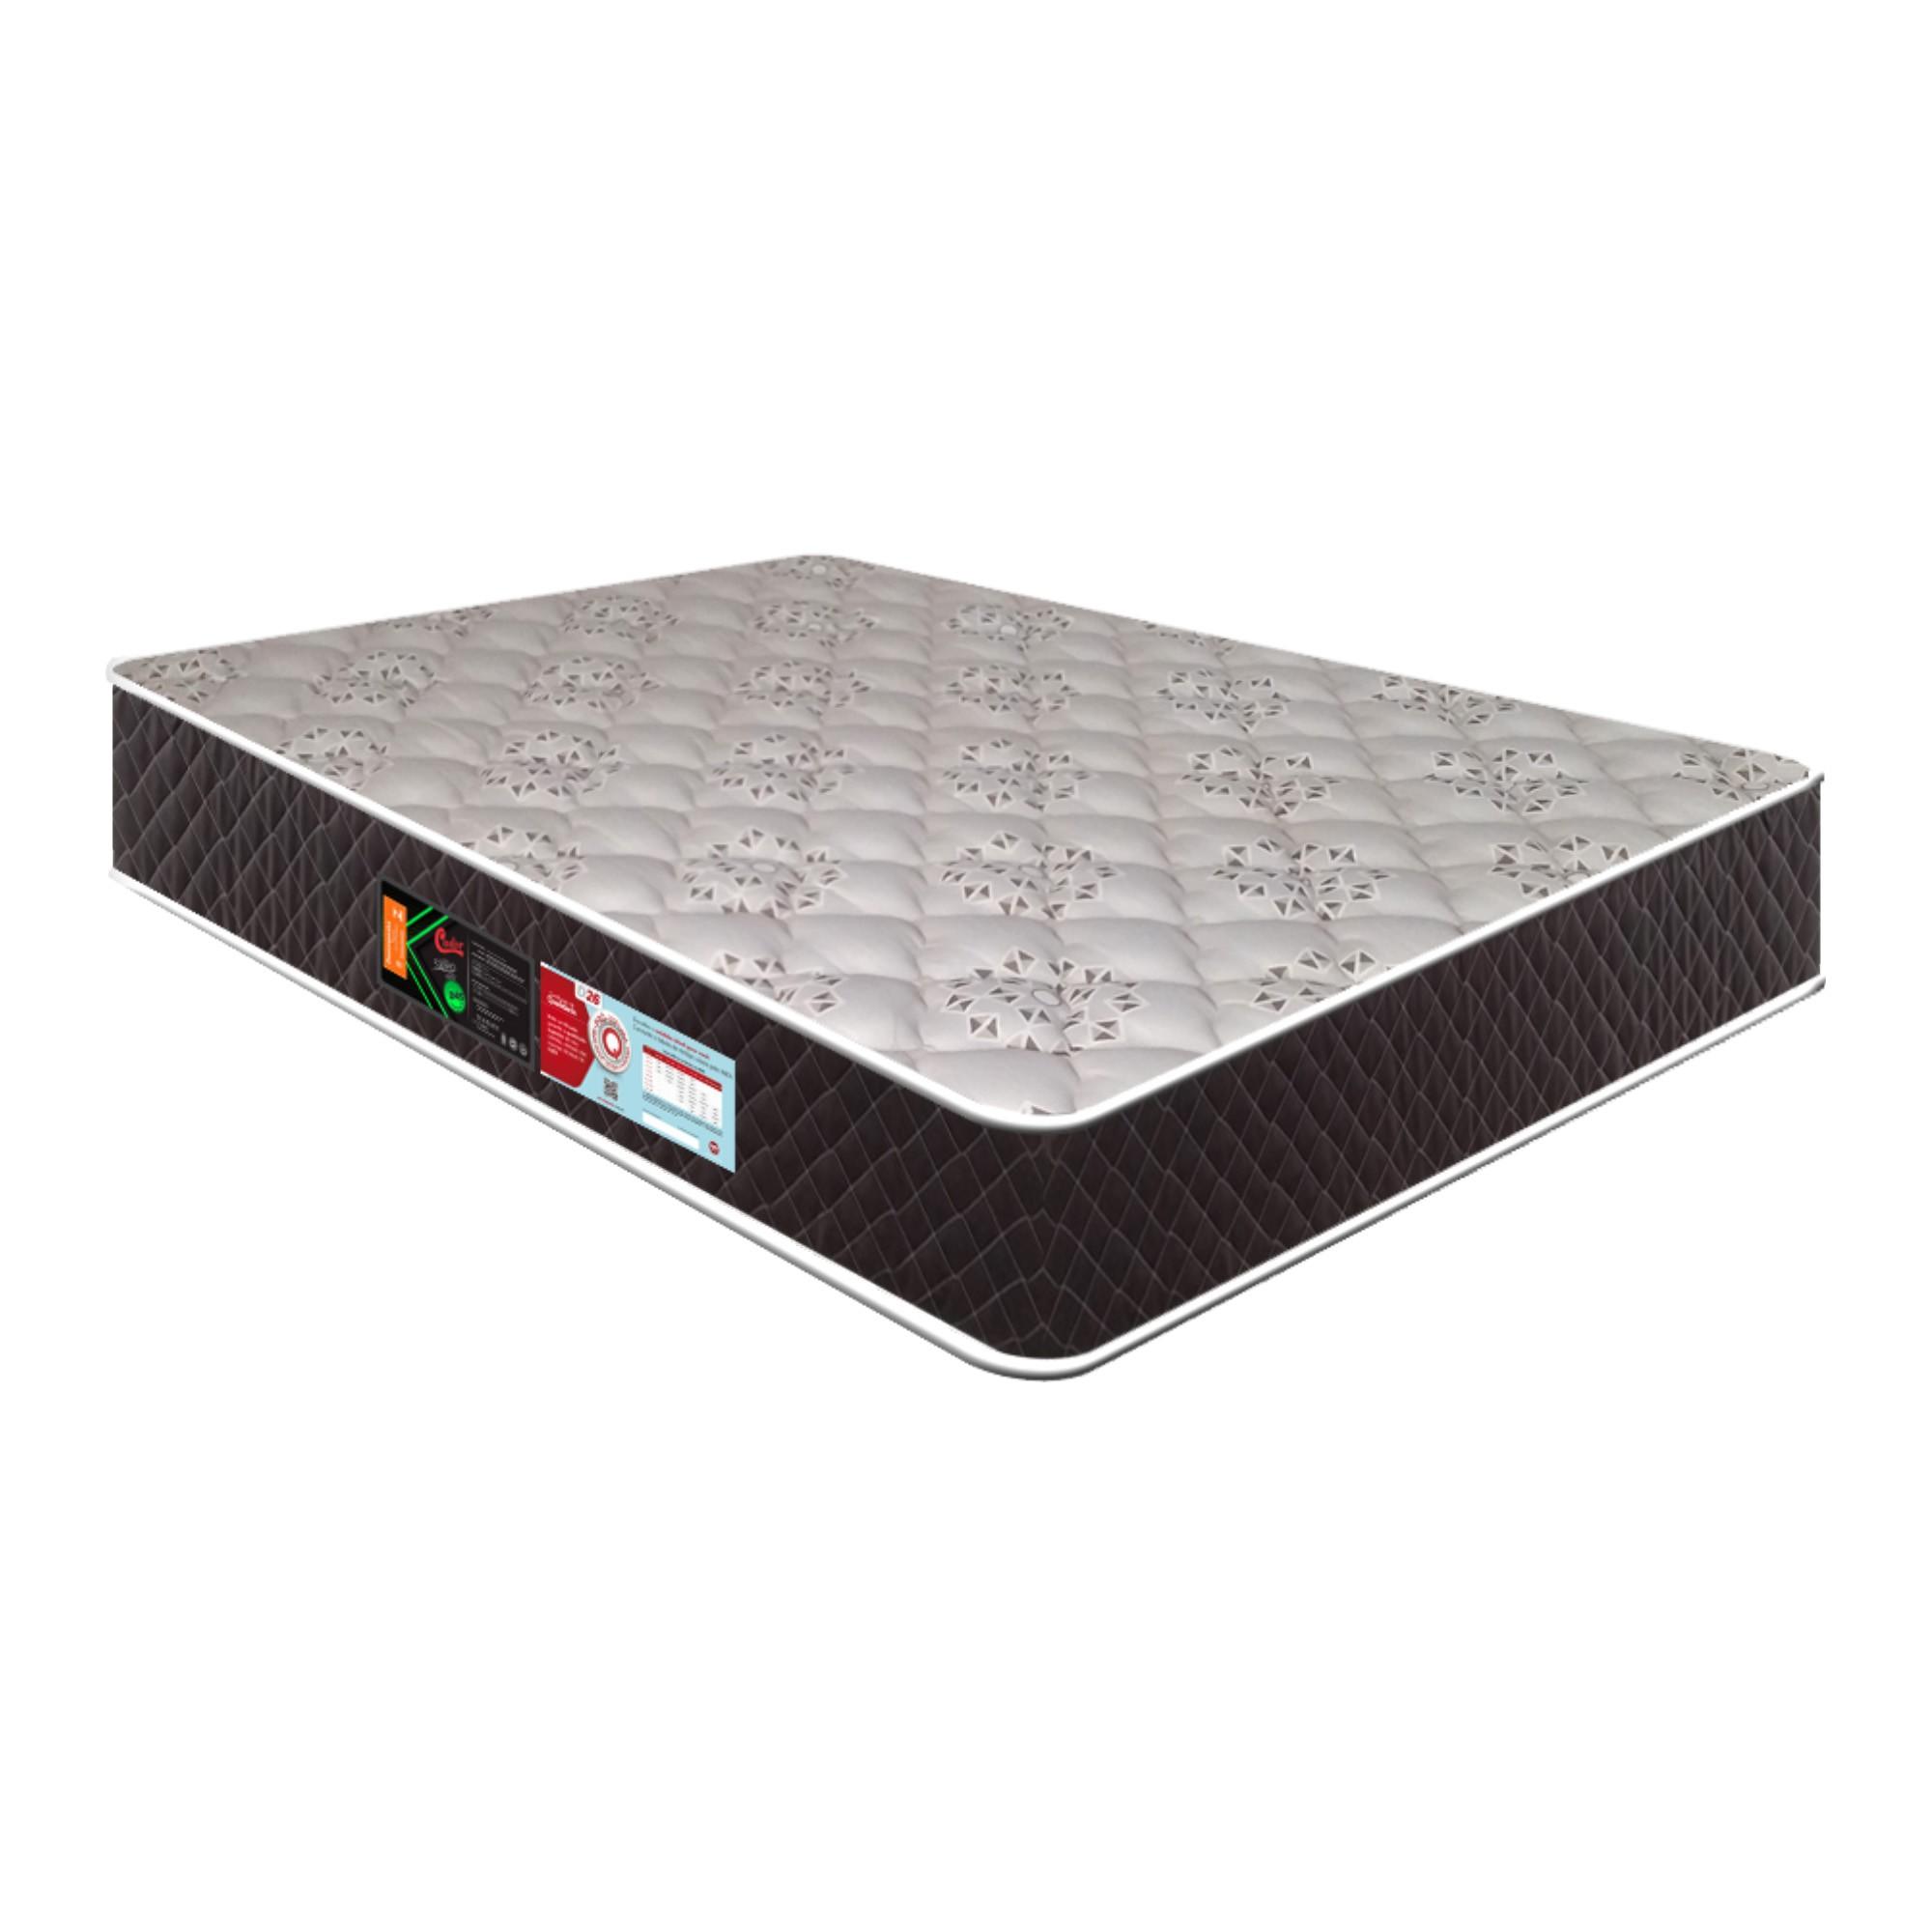 Colchão Castor Sleep Max D45 25 cm [Solteiro 088 x 188 cm]